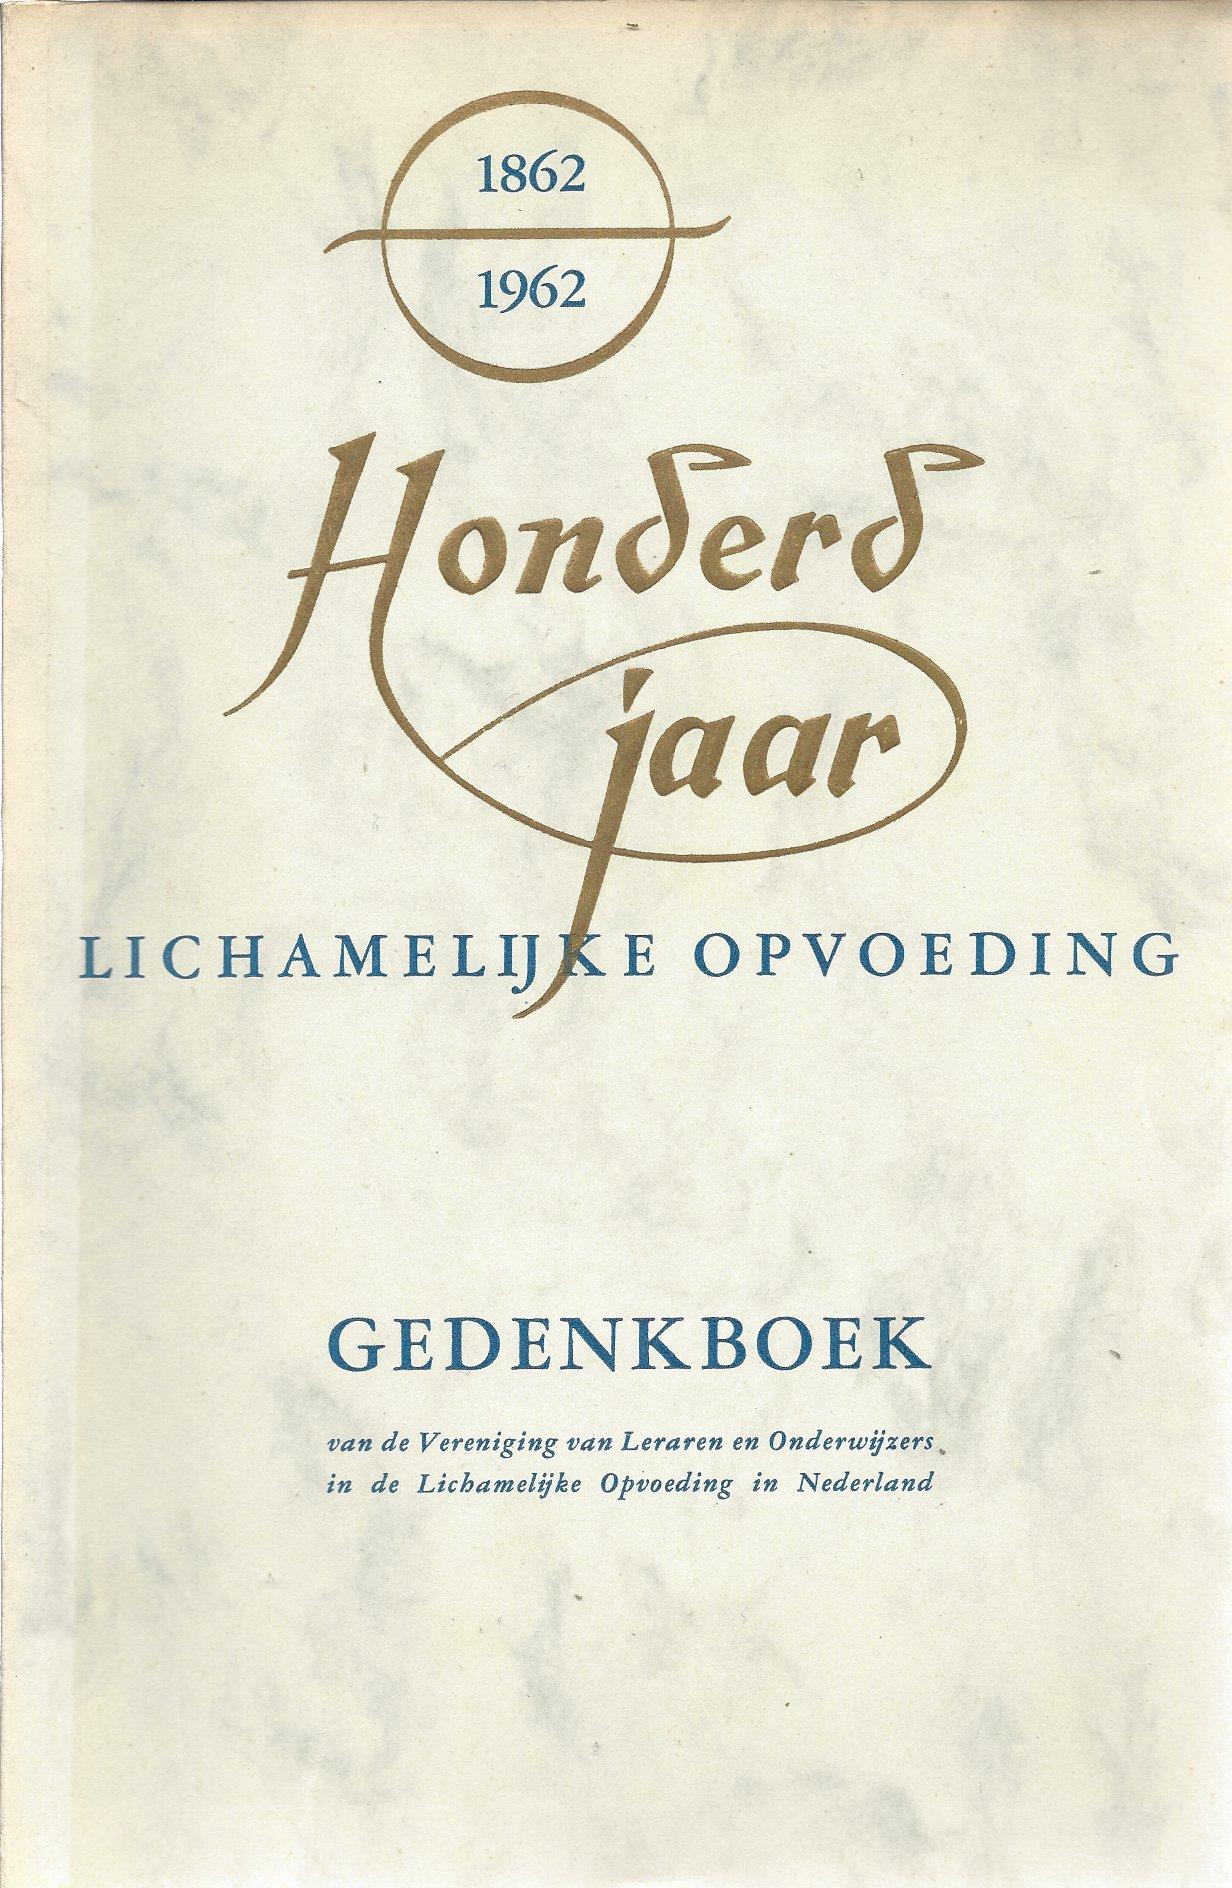 - 1862 - 1962 Honderd Jaar Lichamelijke Opvoeding -Gedenkboek van de Vereniging van Leraren en Onderwijzers in de Lichamelijke Opvoeding in Nederland